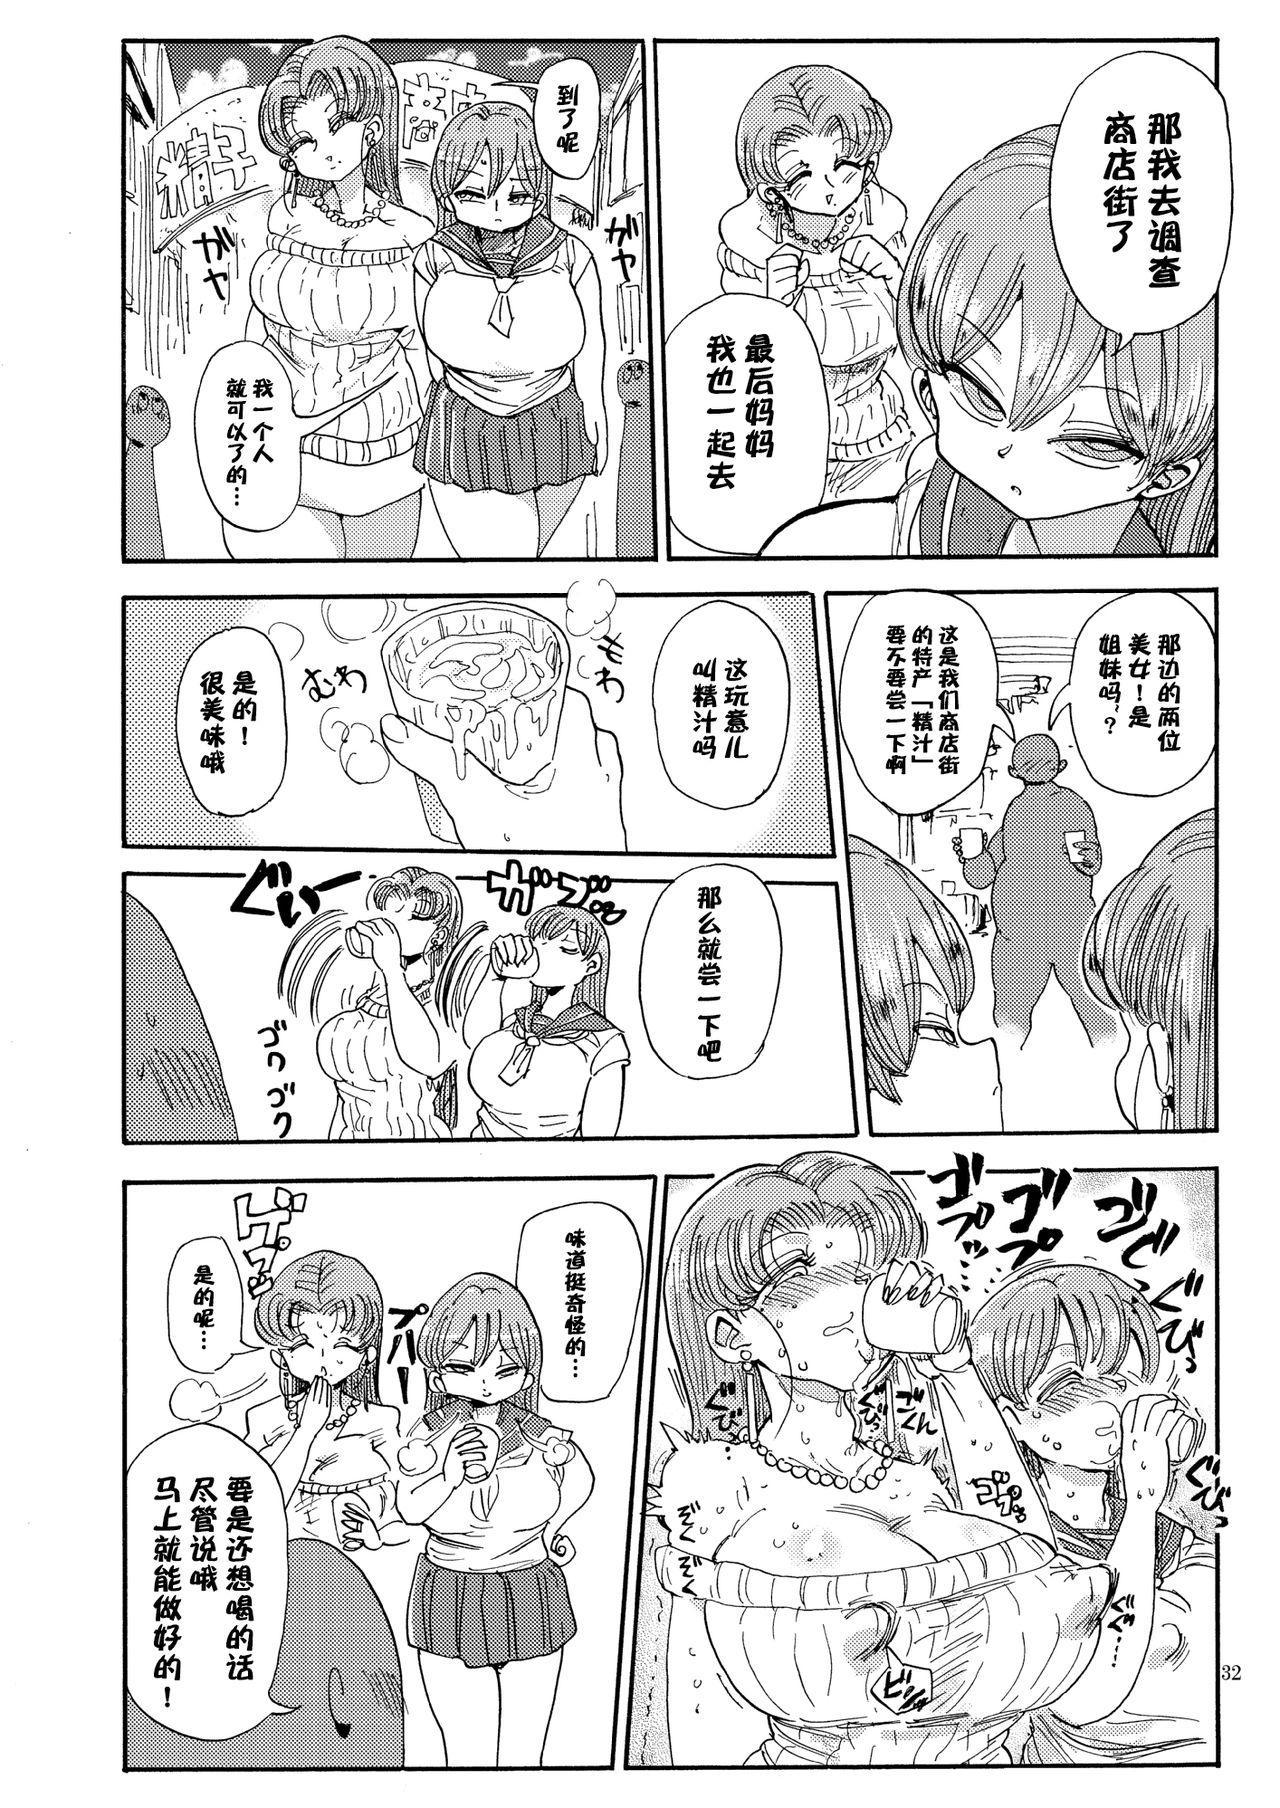 Nandemo Chousa Shoujo no Doujinshi ga Deta? Wakarimashita Chousa Shimasu 31